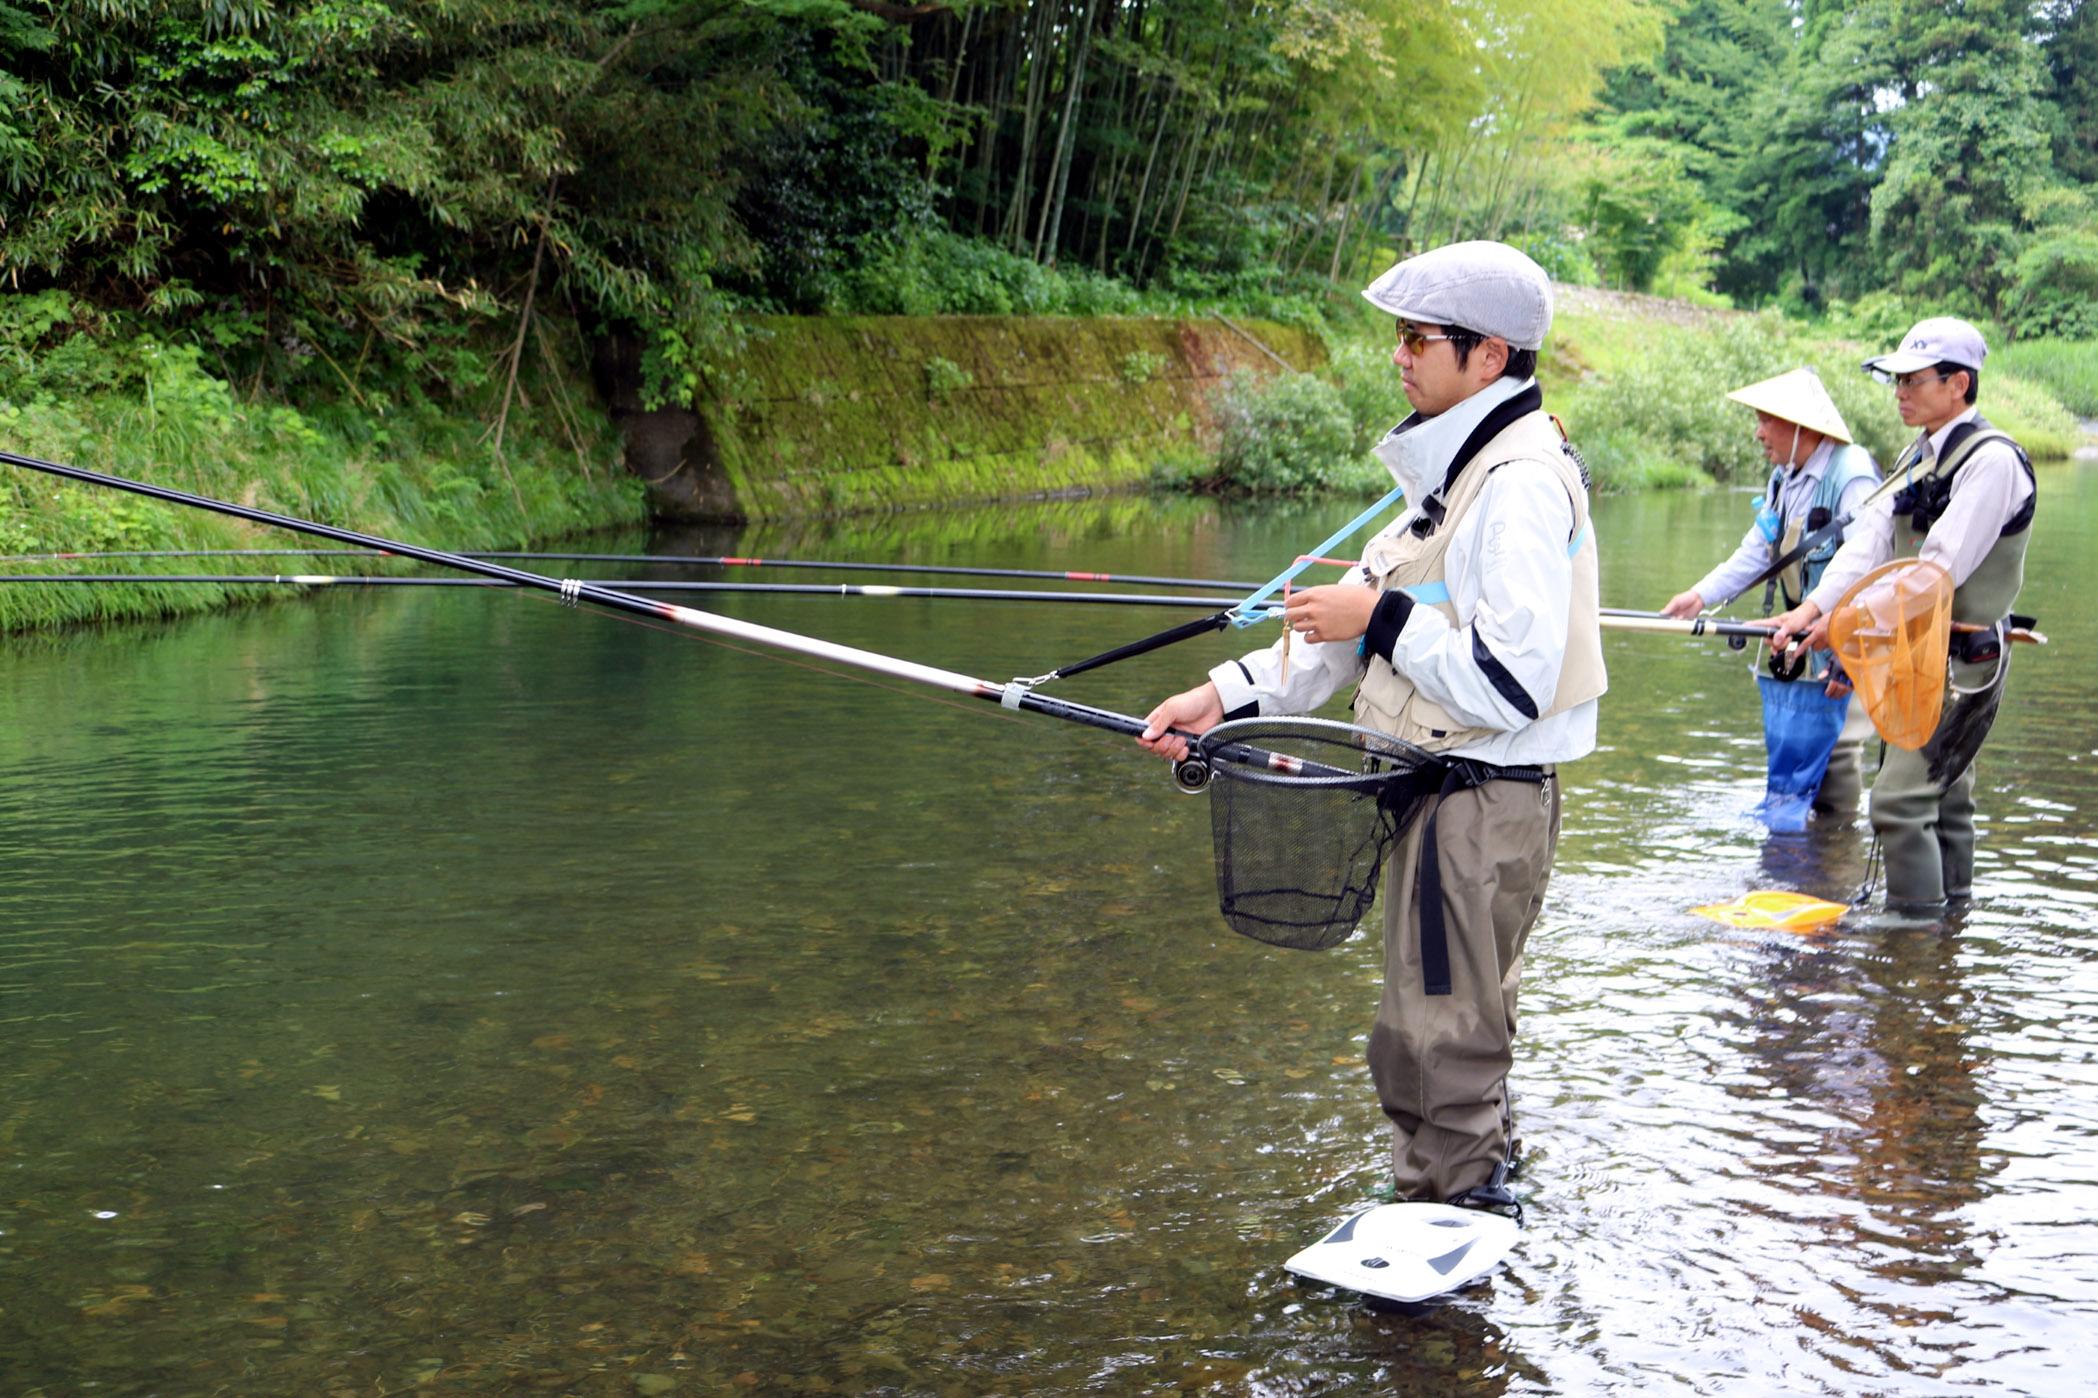 アユ釣りを楽しむ愛好者=白山市の大日川